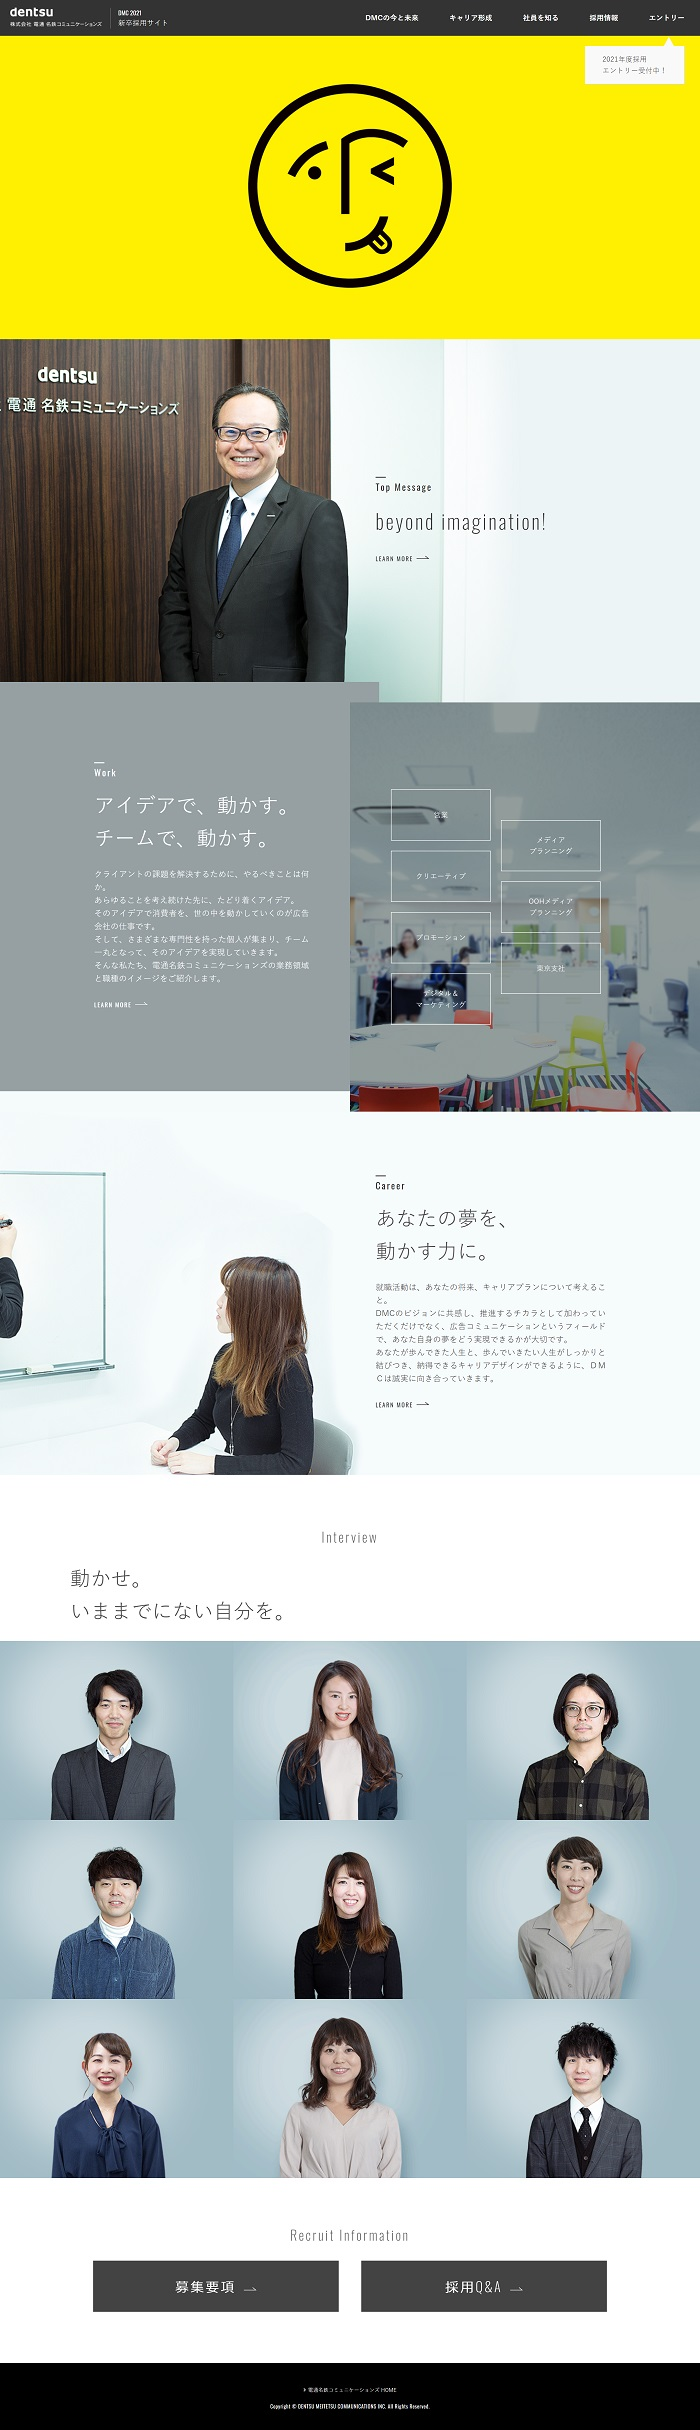 新卒採用2021 | 採用情報 | 名古屋本社の広告代理店_電通名鉄コミュニケーションズDMC